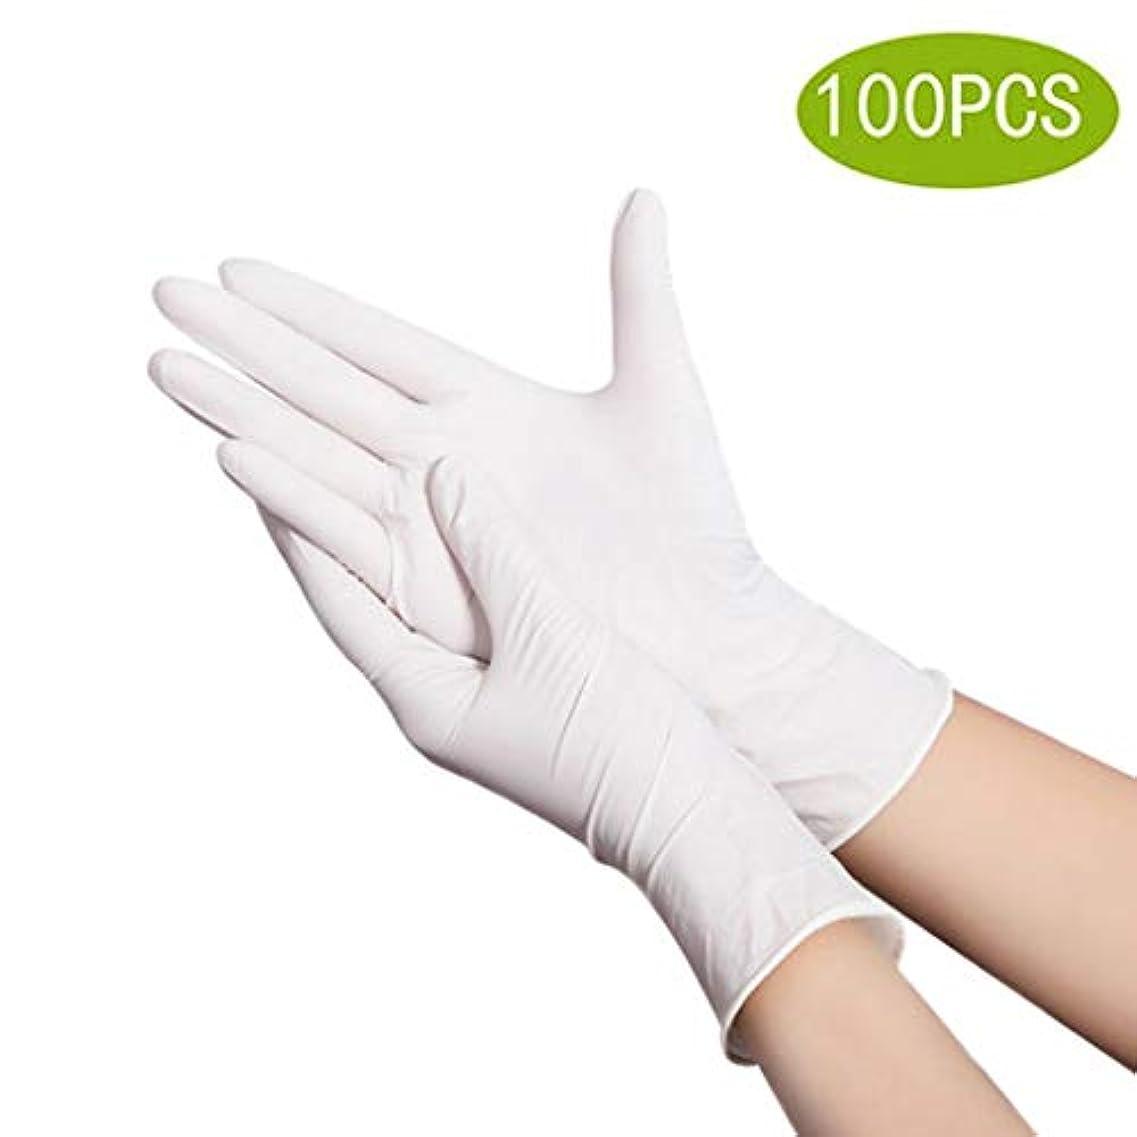 町バンカー突破口ニトリル手袋4ミル厚ヘビーデューティー使い捨て手袋 - 工業用および家庭用 - パウダーフリー - ナチュラルホワイト(100カウント) (Size : S)